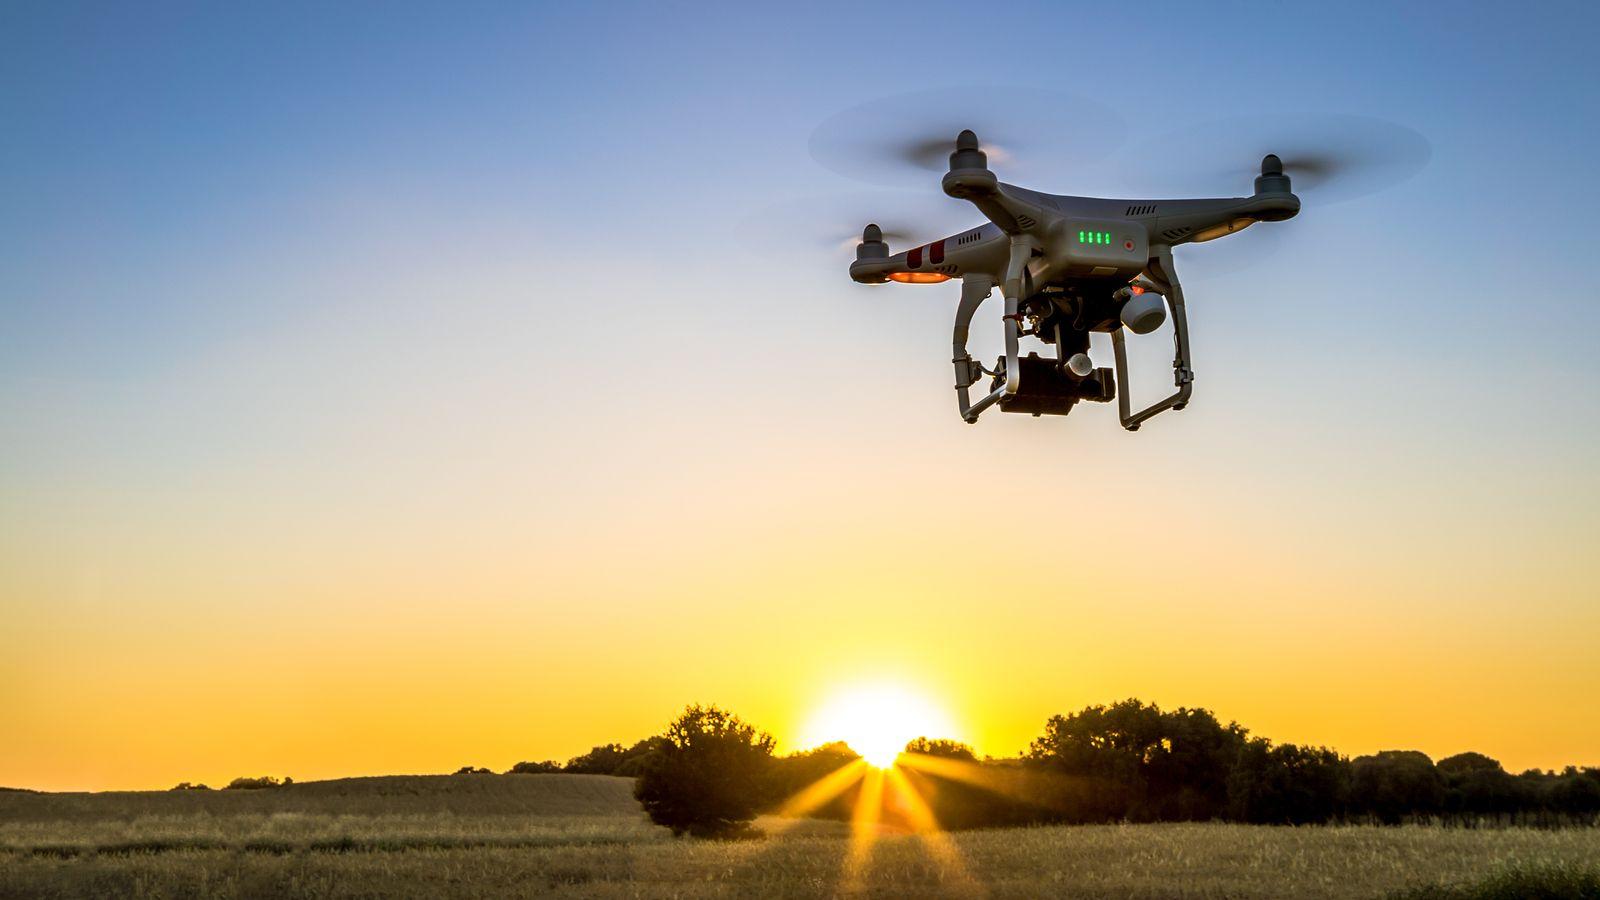 Cómo puede la tecnología blockchain ayudar a rastrear drones que transporten suministros médicos, según el gobierno estadounidense